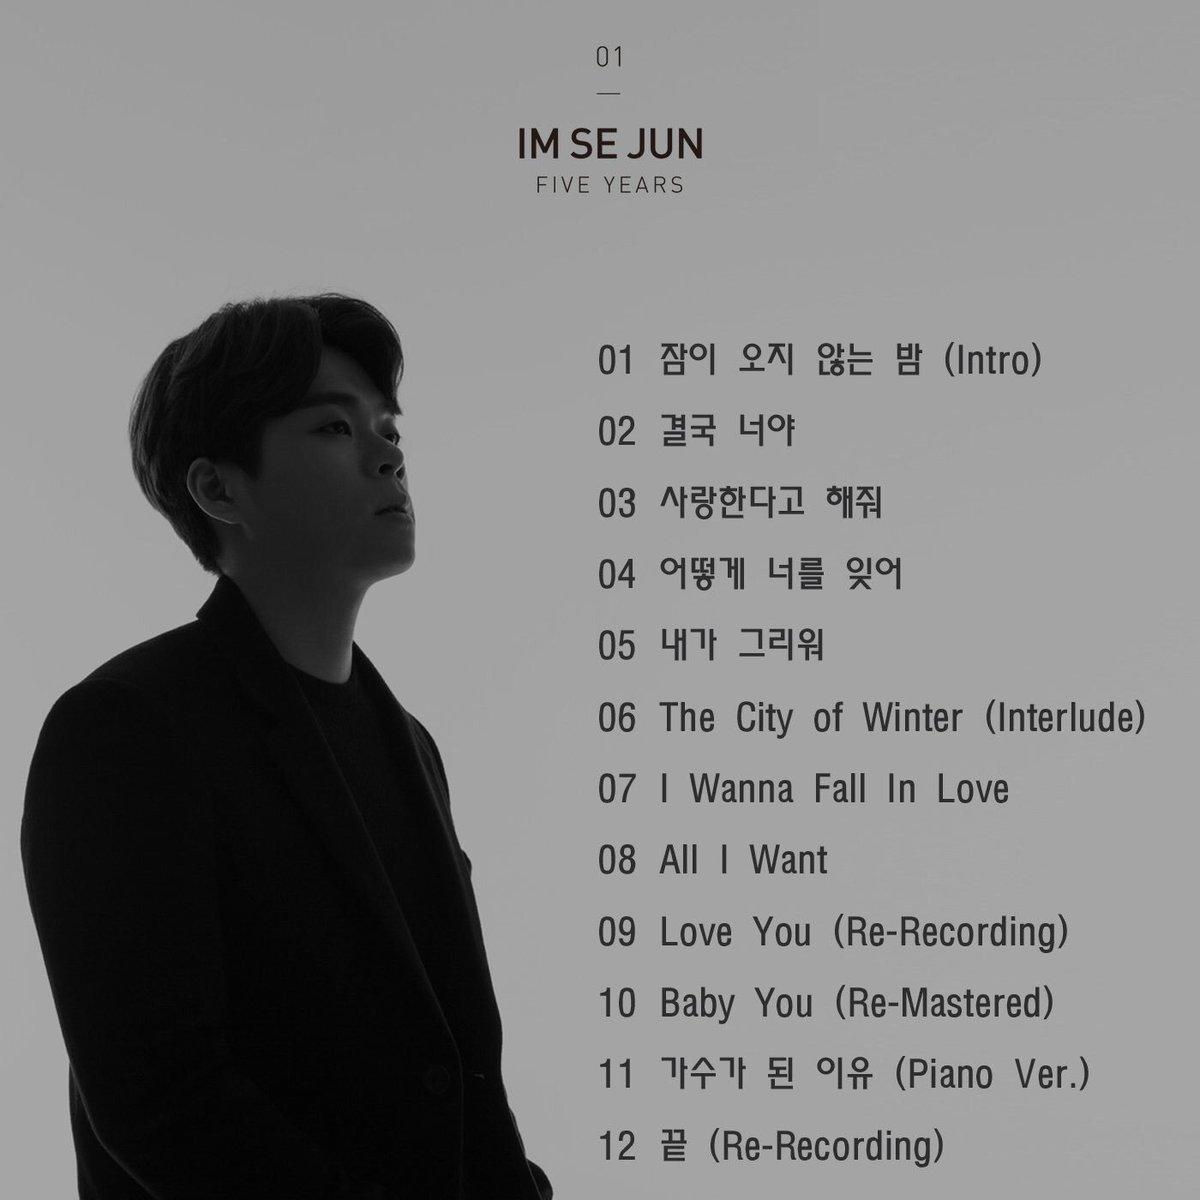 imsejun on topsy one im se jun comparte track list de five years imsejun 510764946451456